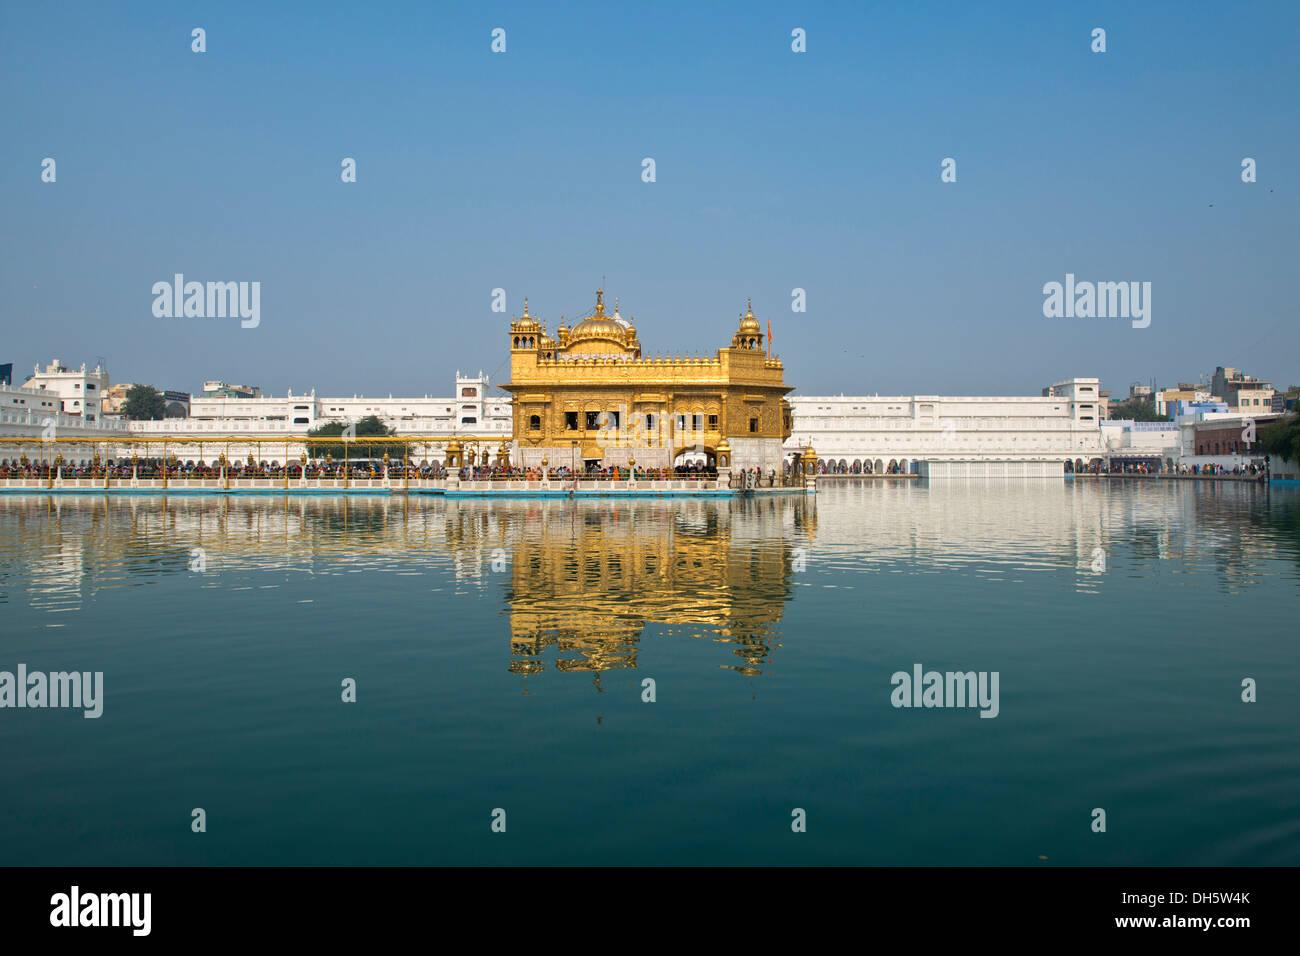 Hari Mandir ou temple d'Or, dans le lac sacré d'Amrit Sagar, le principal lieu de culte de la communauté religieuse Banque D'Images